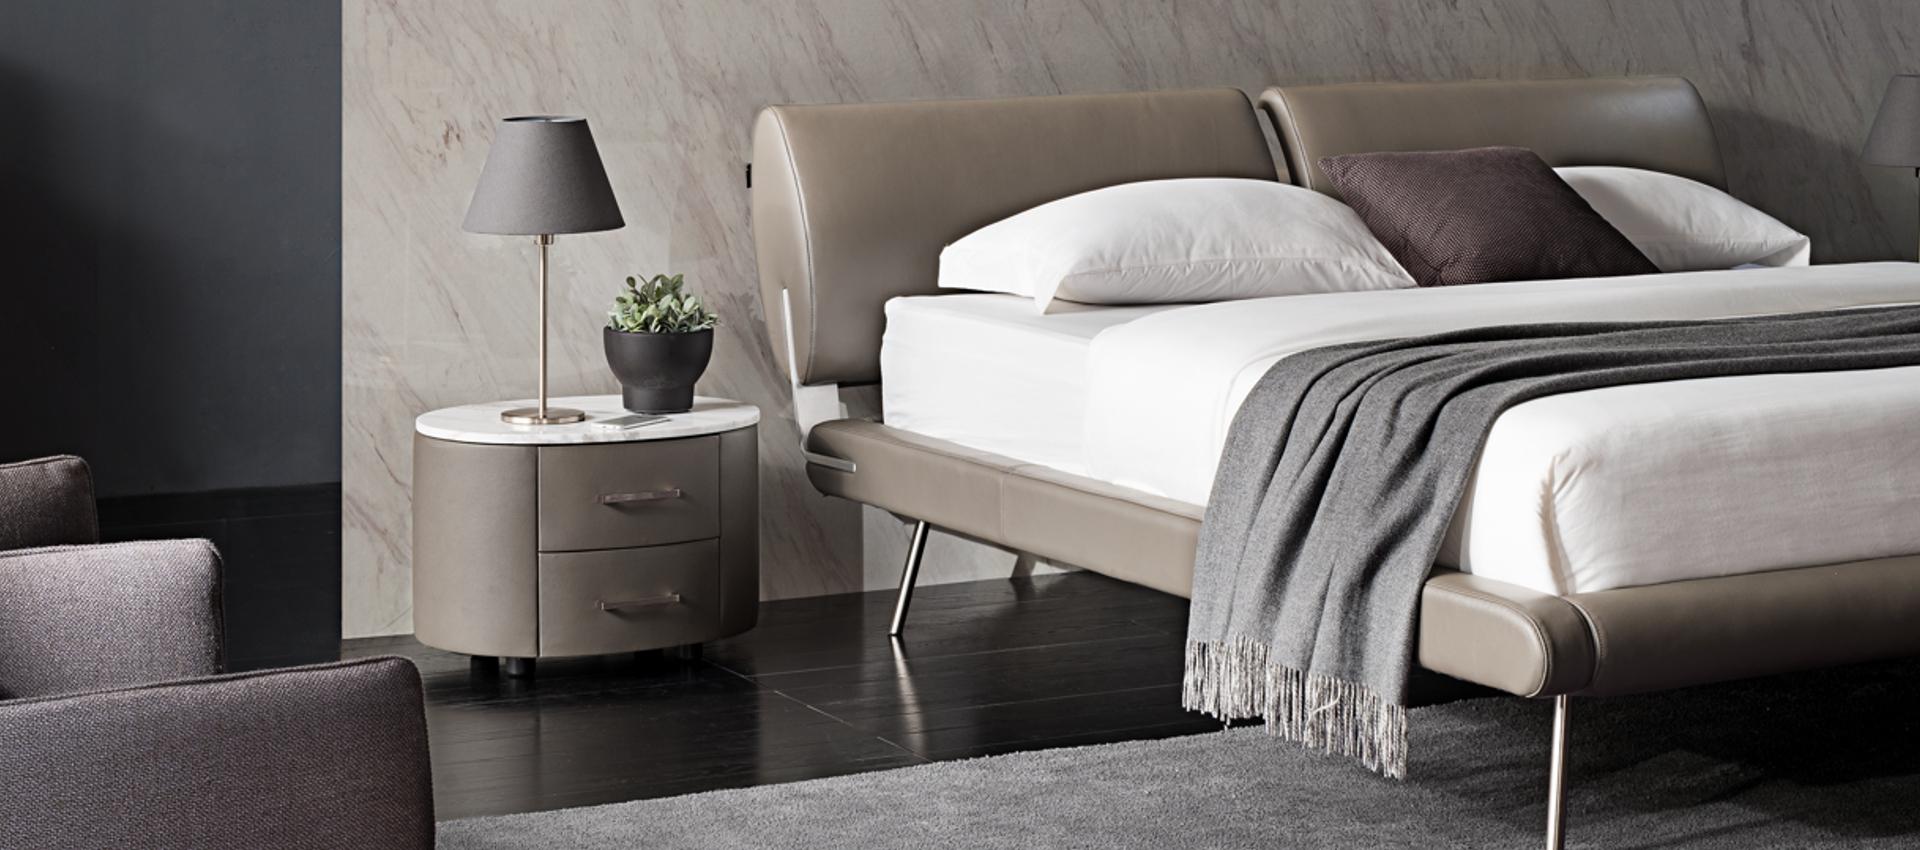 G10 Bedside Website Image (1)